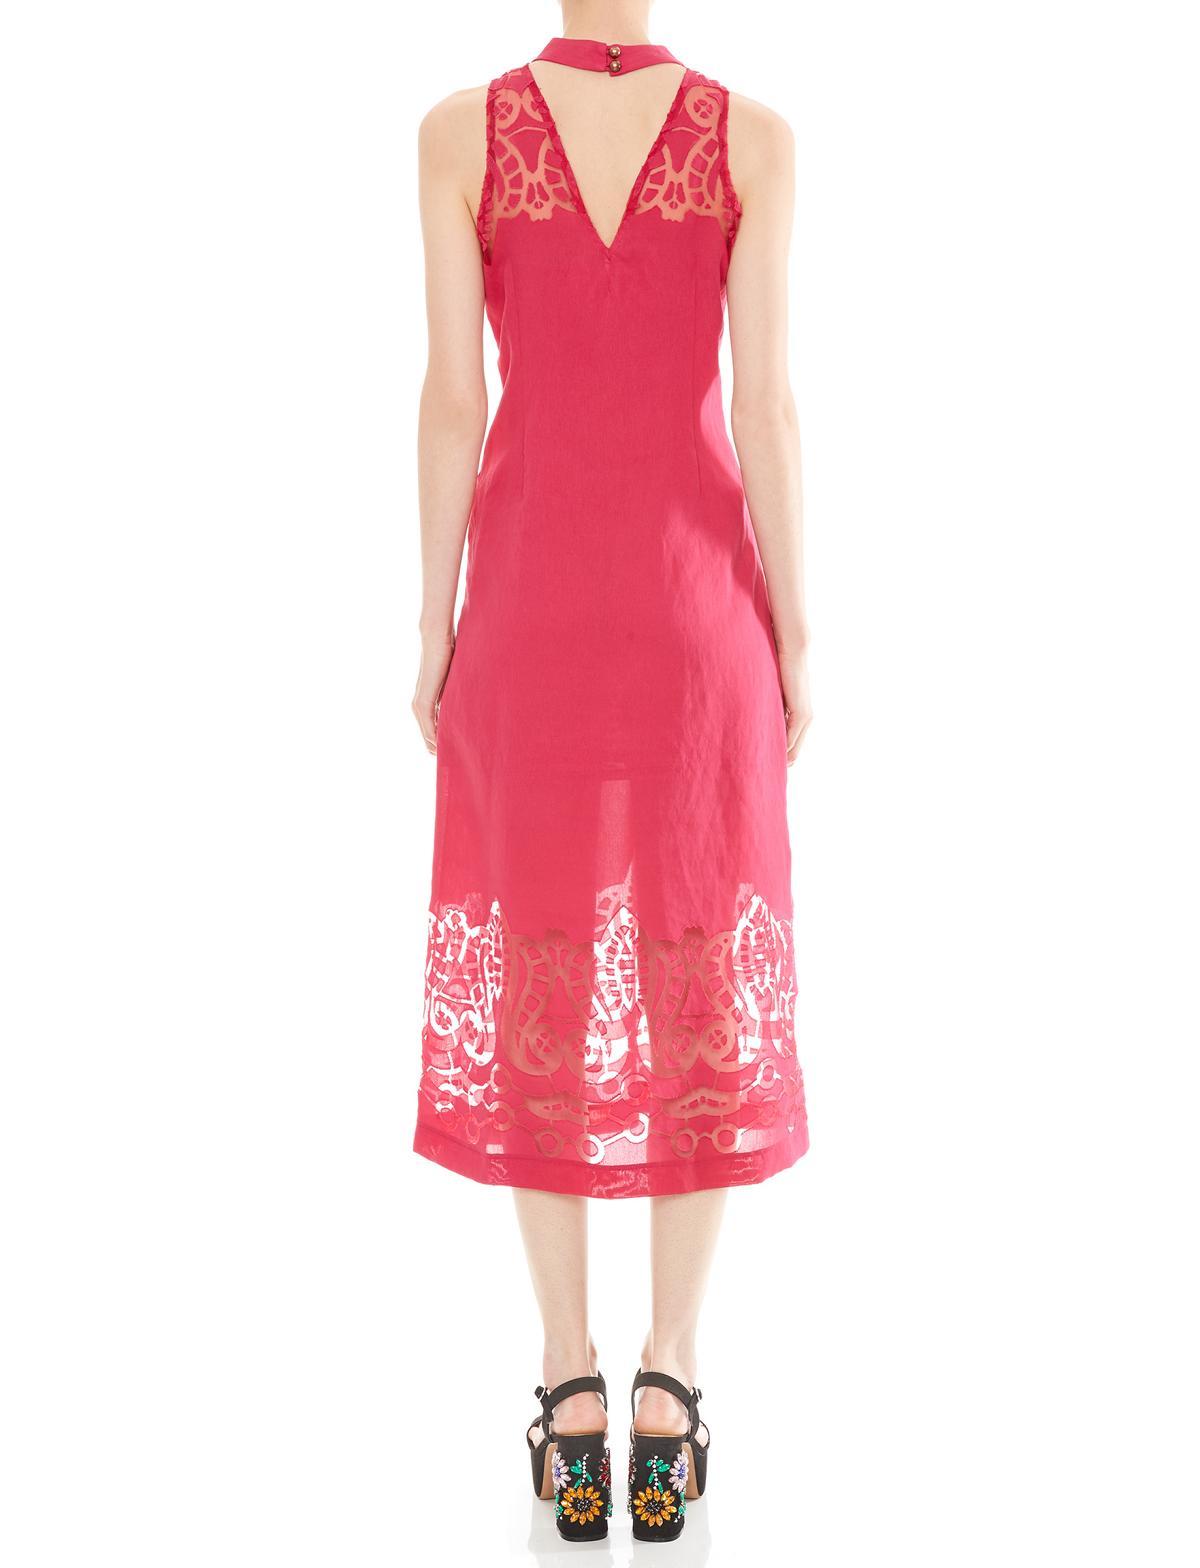 Rückansicht von Ana Alcazar Midi Kleid Massoles  angezogen an Model